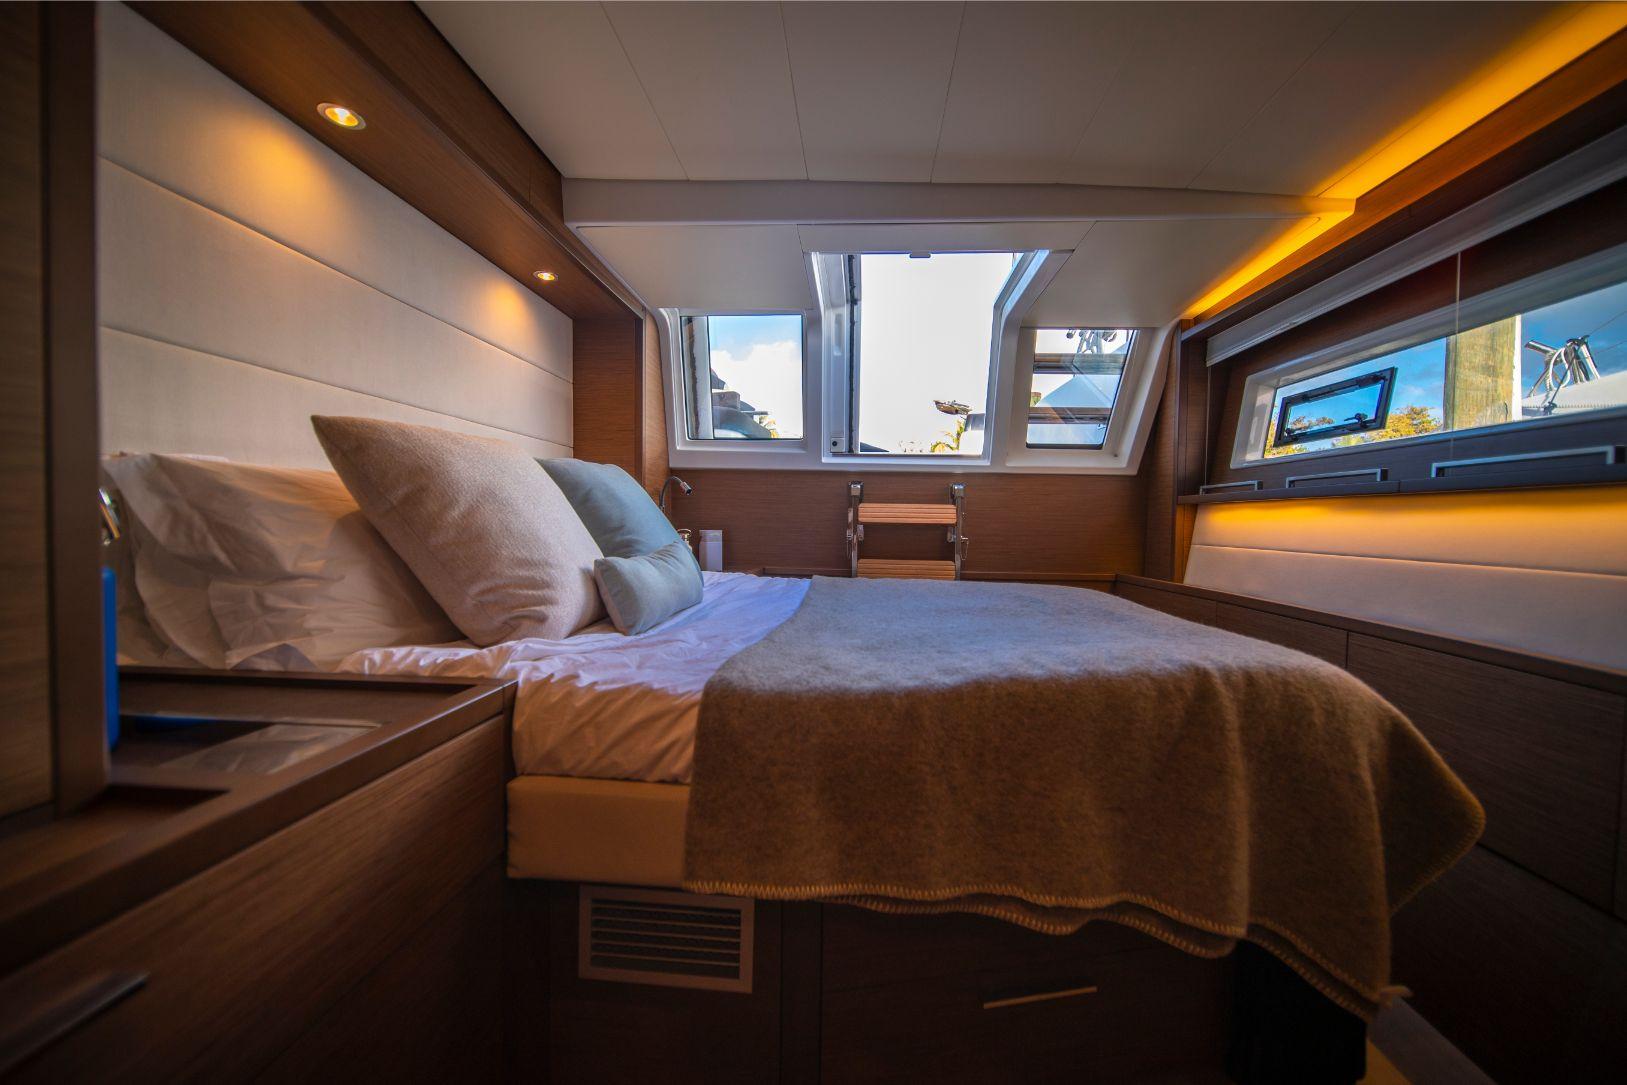 Chambre confortable et luxueuse sur le catamaran